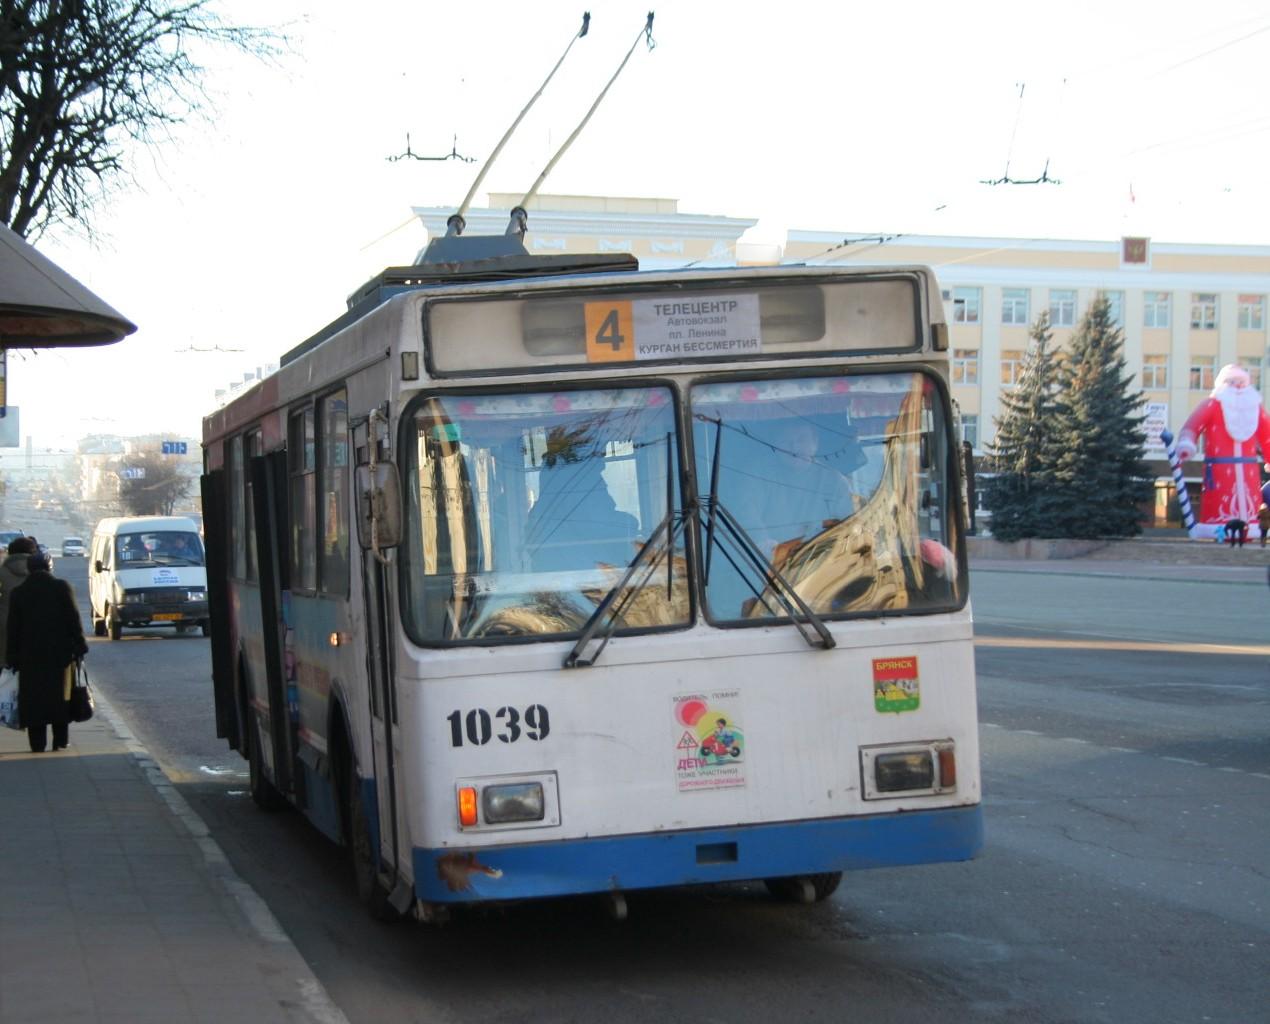 Seguimos contandooooooooooooooo  - Página 2 Trolleybus_Bryansk_1039